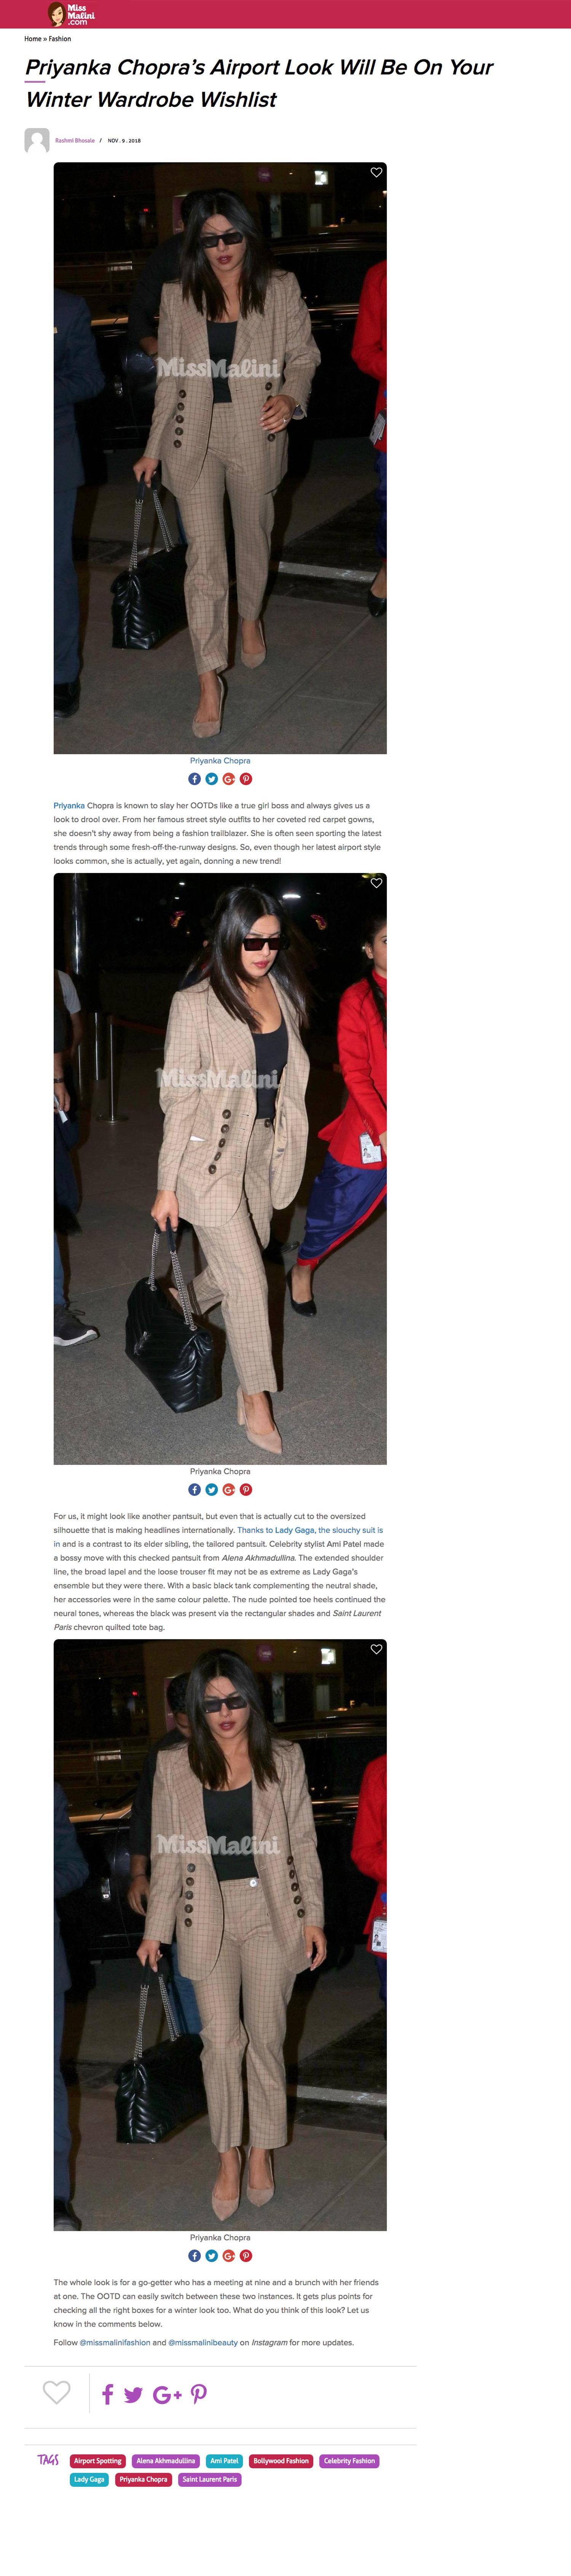 11.09.18 www.missmalini.com Priyanka Chopra AA.jpg